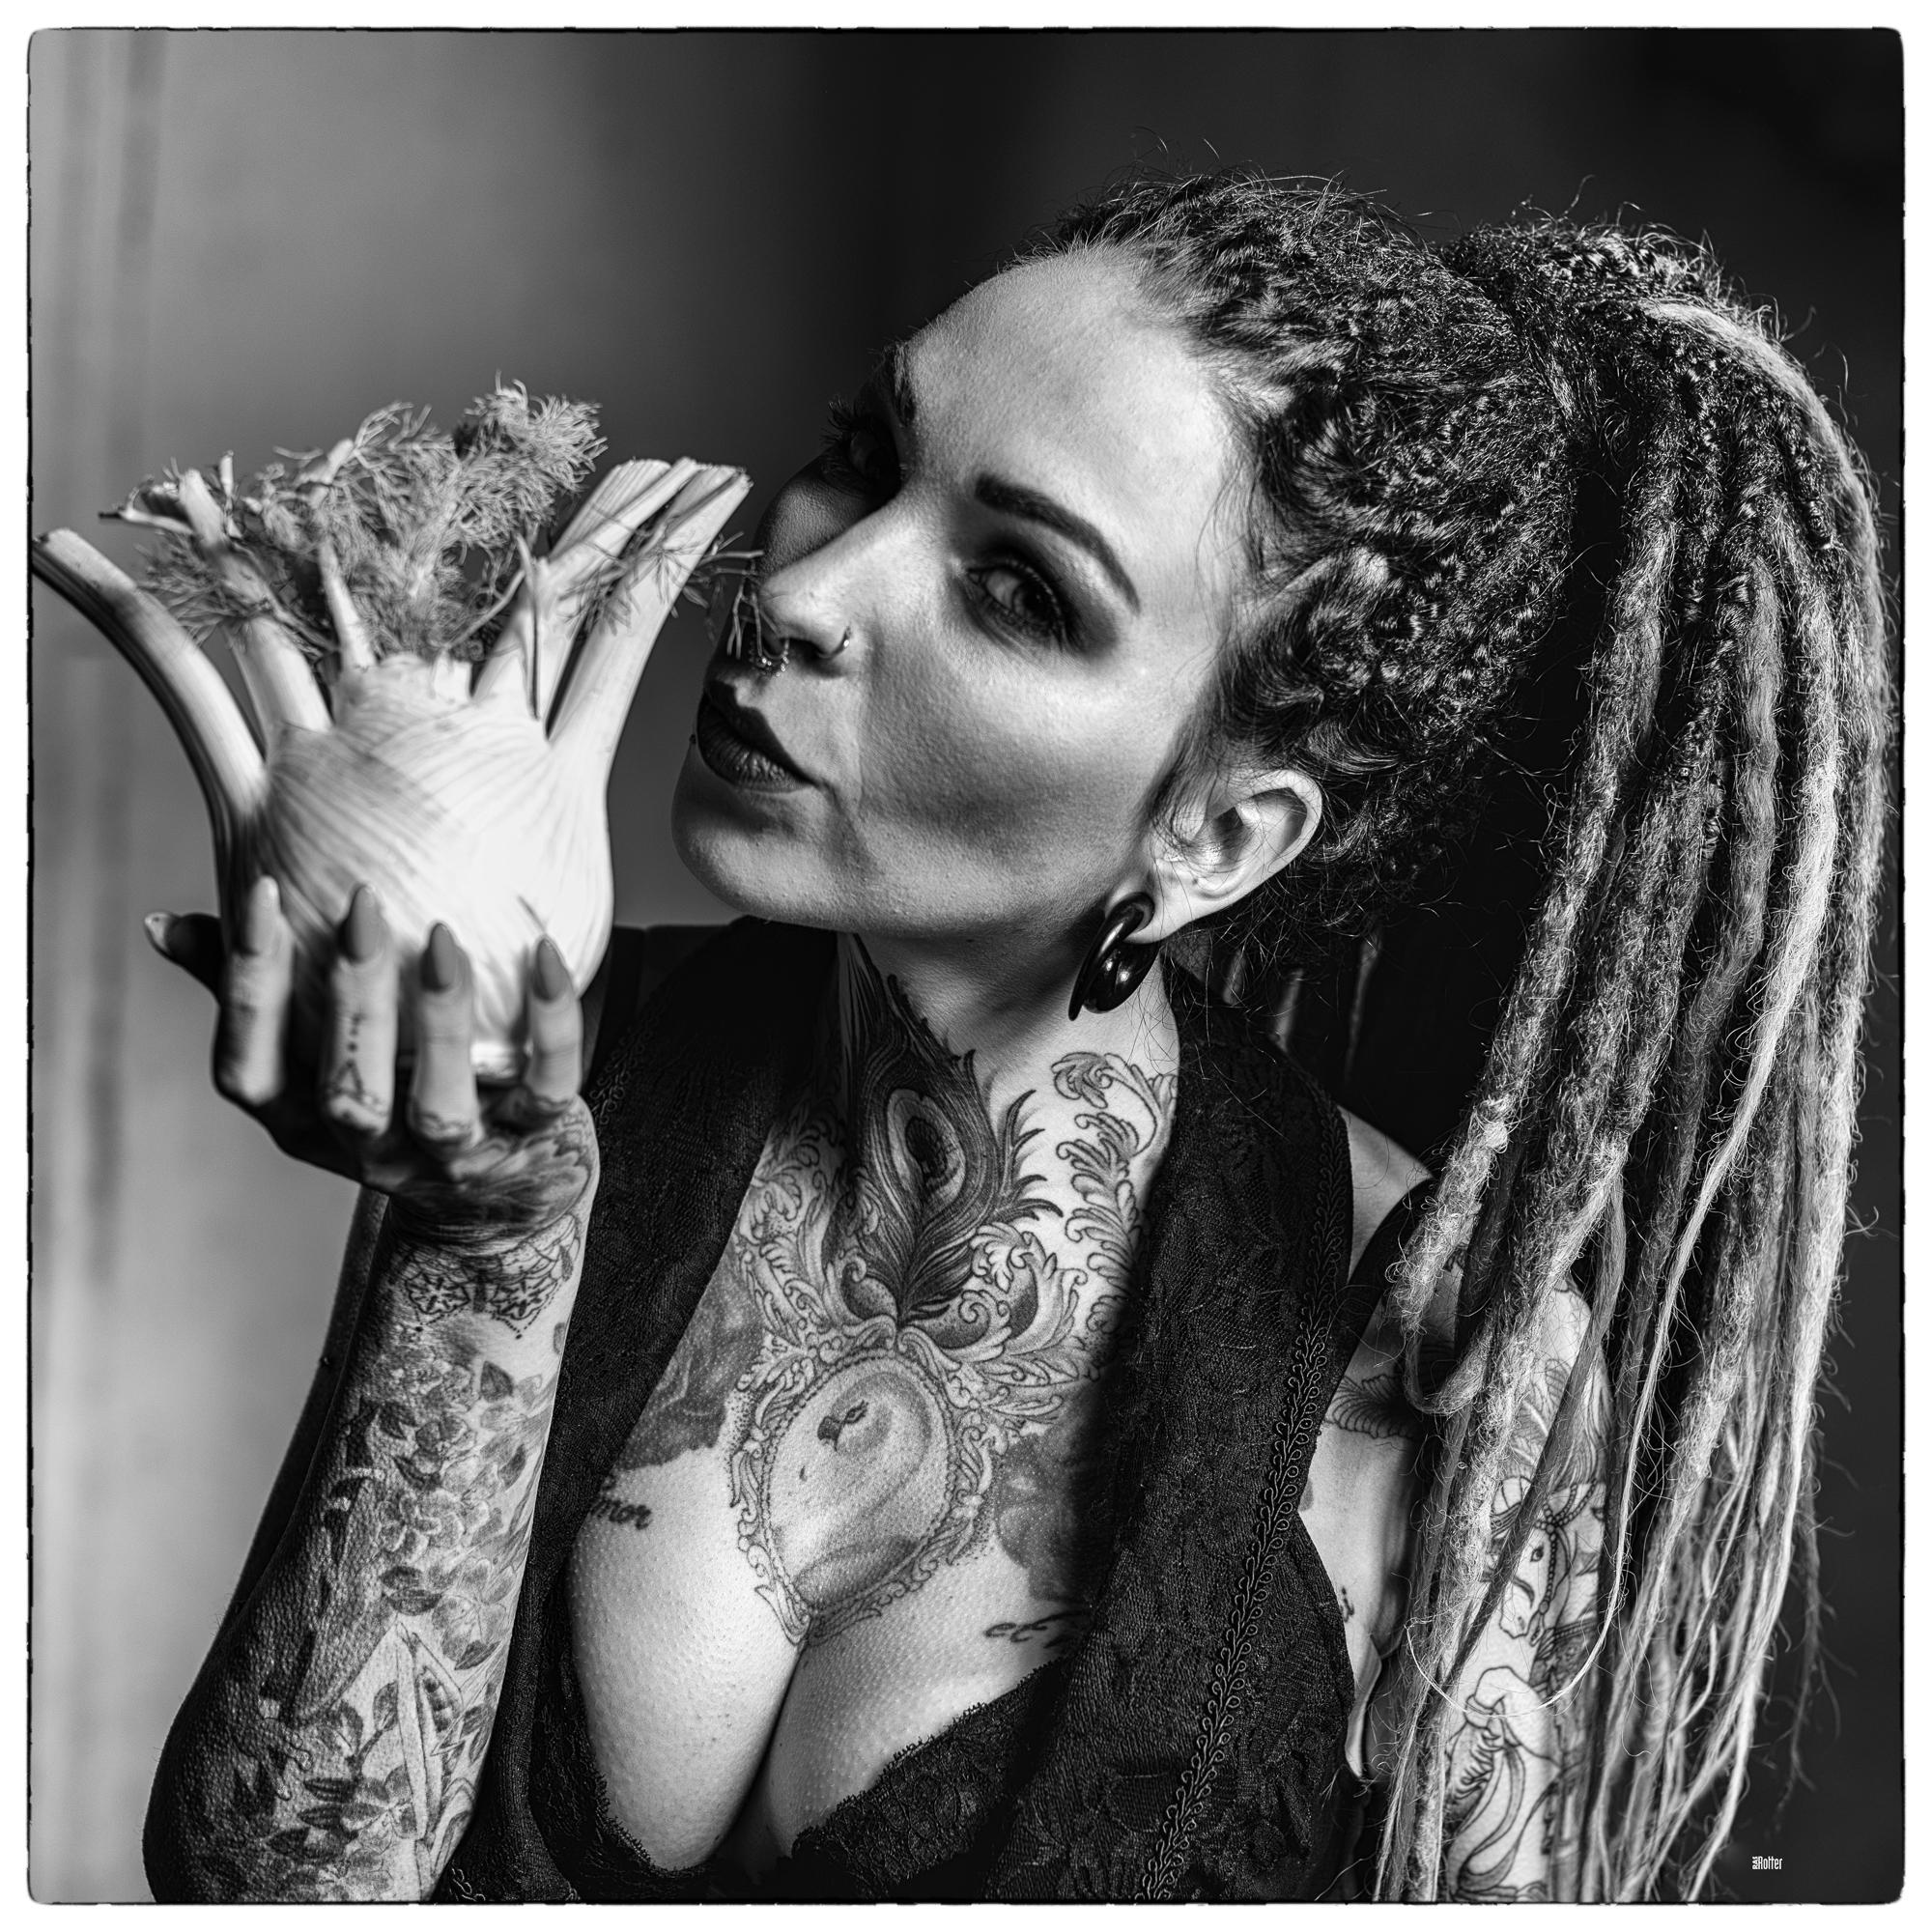 Lichtwert_Best-of_RasRotter_ CassidyRose Nadine posiert mit Fenchel Gemü....jpg